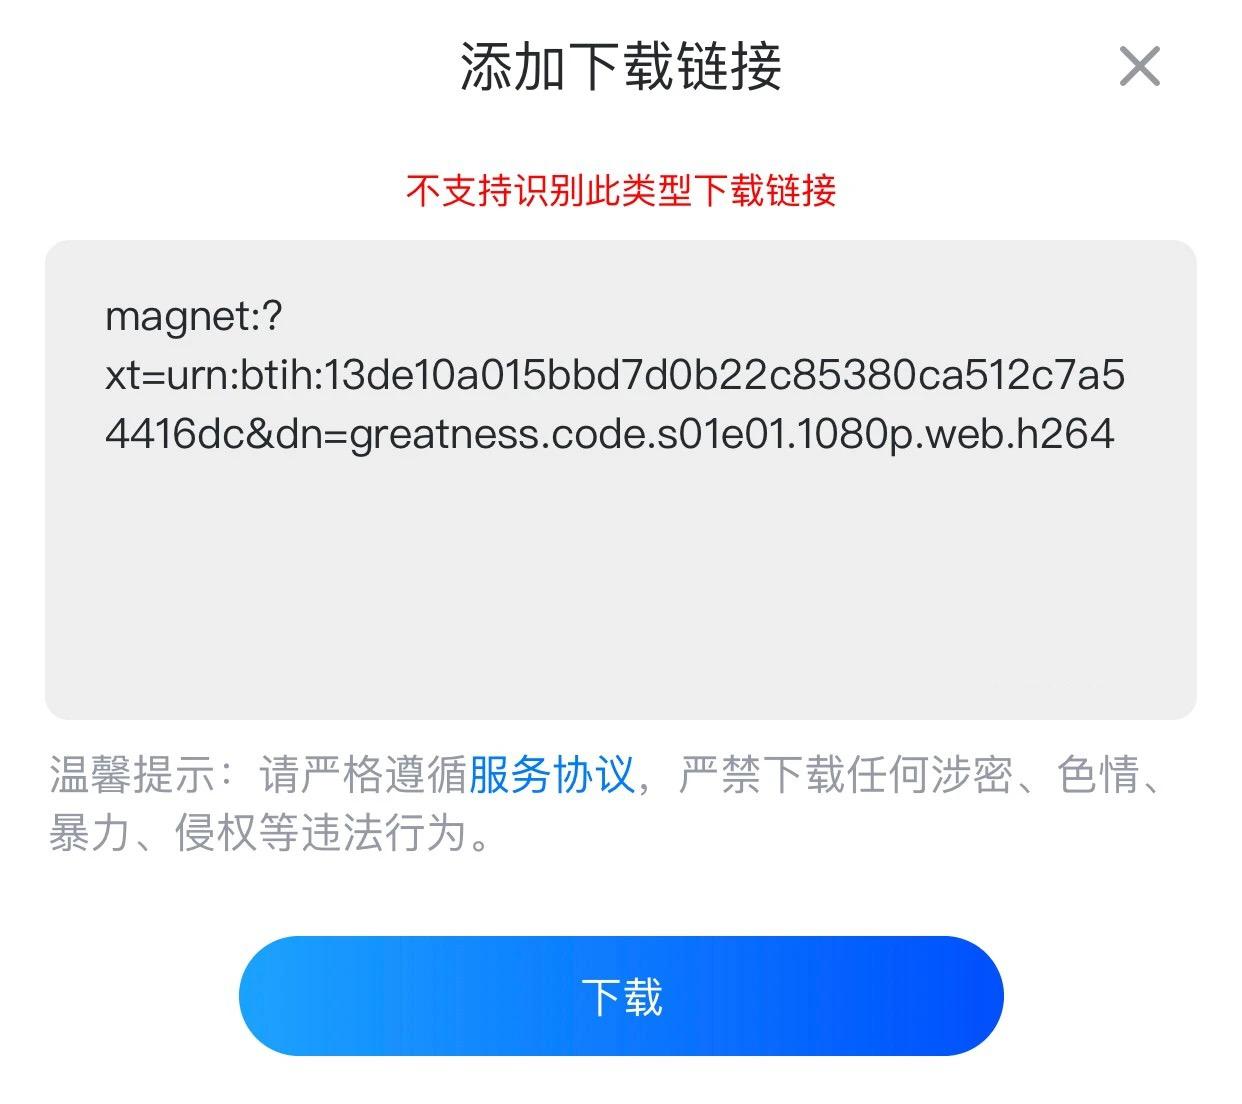 迅雷 iOS 版正式回归,附最新 BT 和磁力链接下载教程